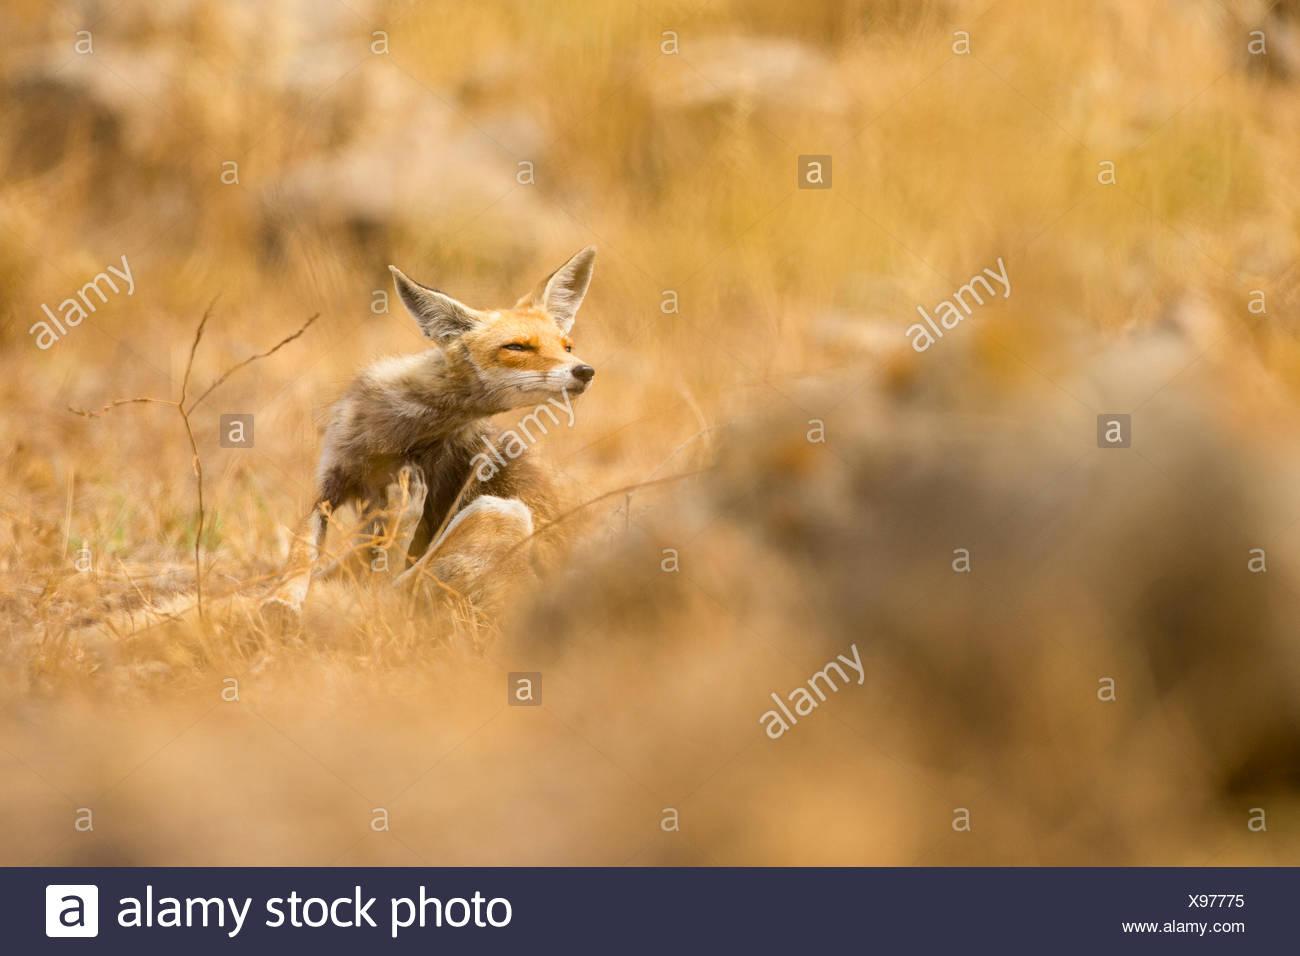 Le renard roux (Vulpes vulpes). Le renard roux est le plus grand des vrais renards, tout en étant le plus géographiquement membre de Photo Stock